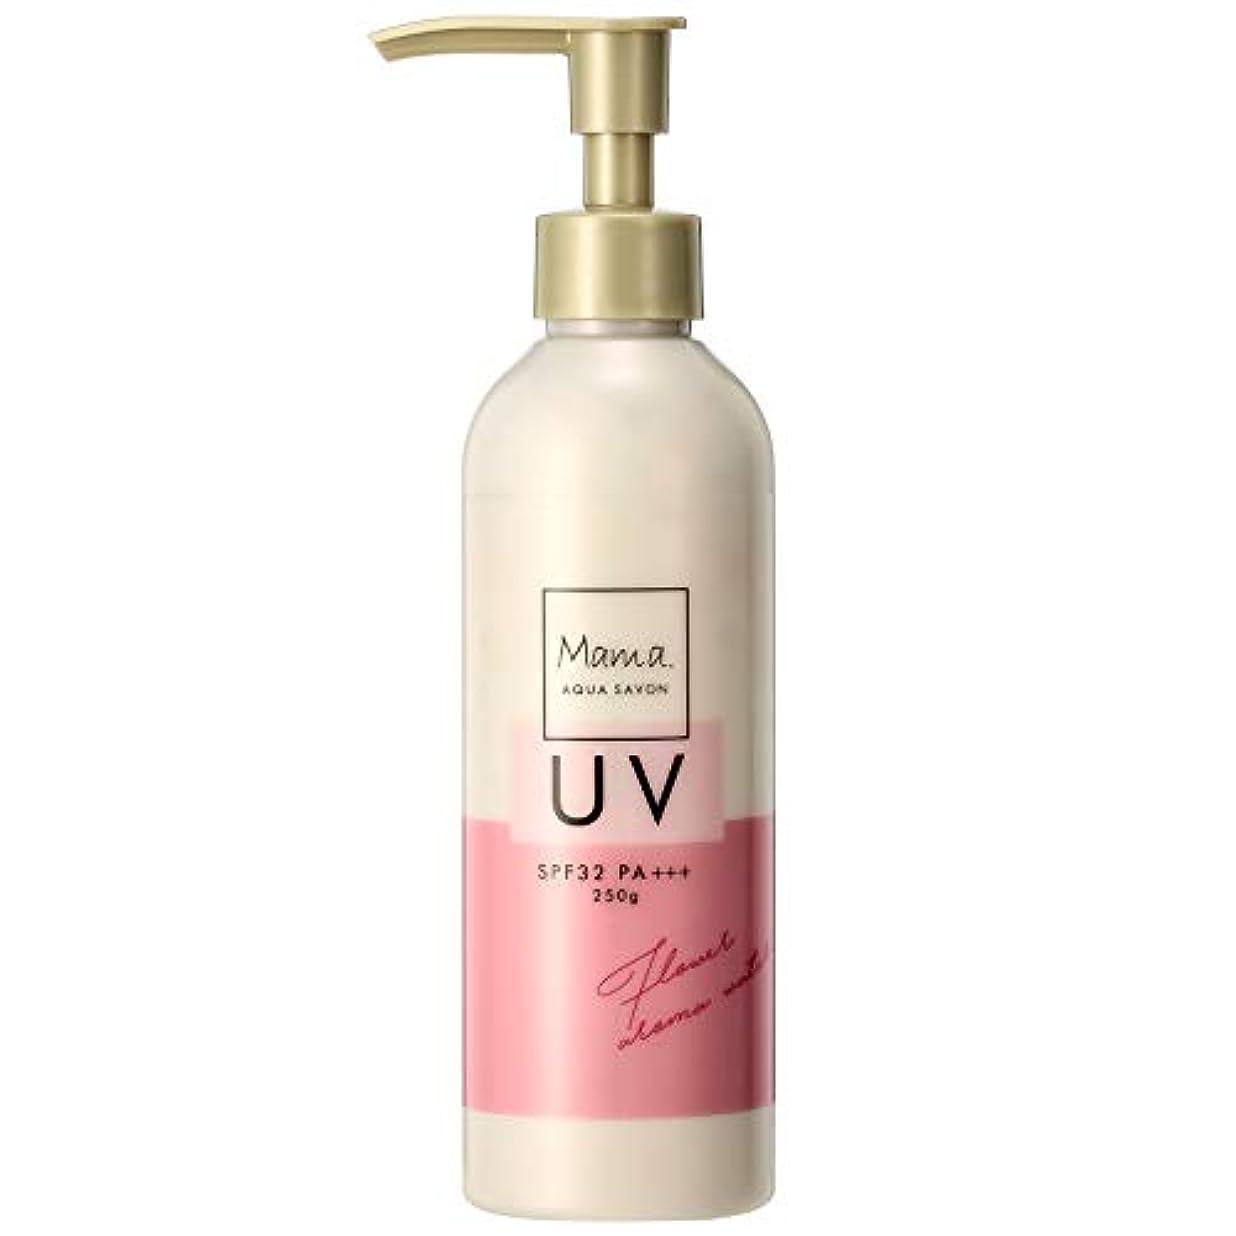 七面鳥上流の教えてママアクアシャボン UVモイストジェル フラワーアロマウォーターの香り 19S 250g